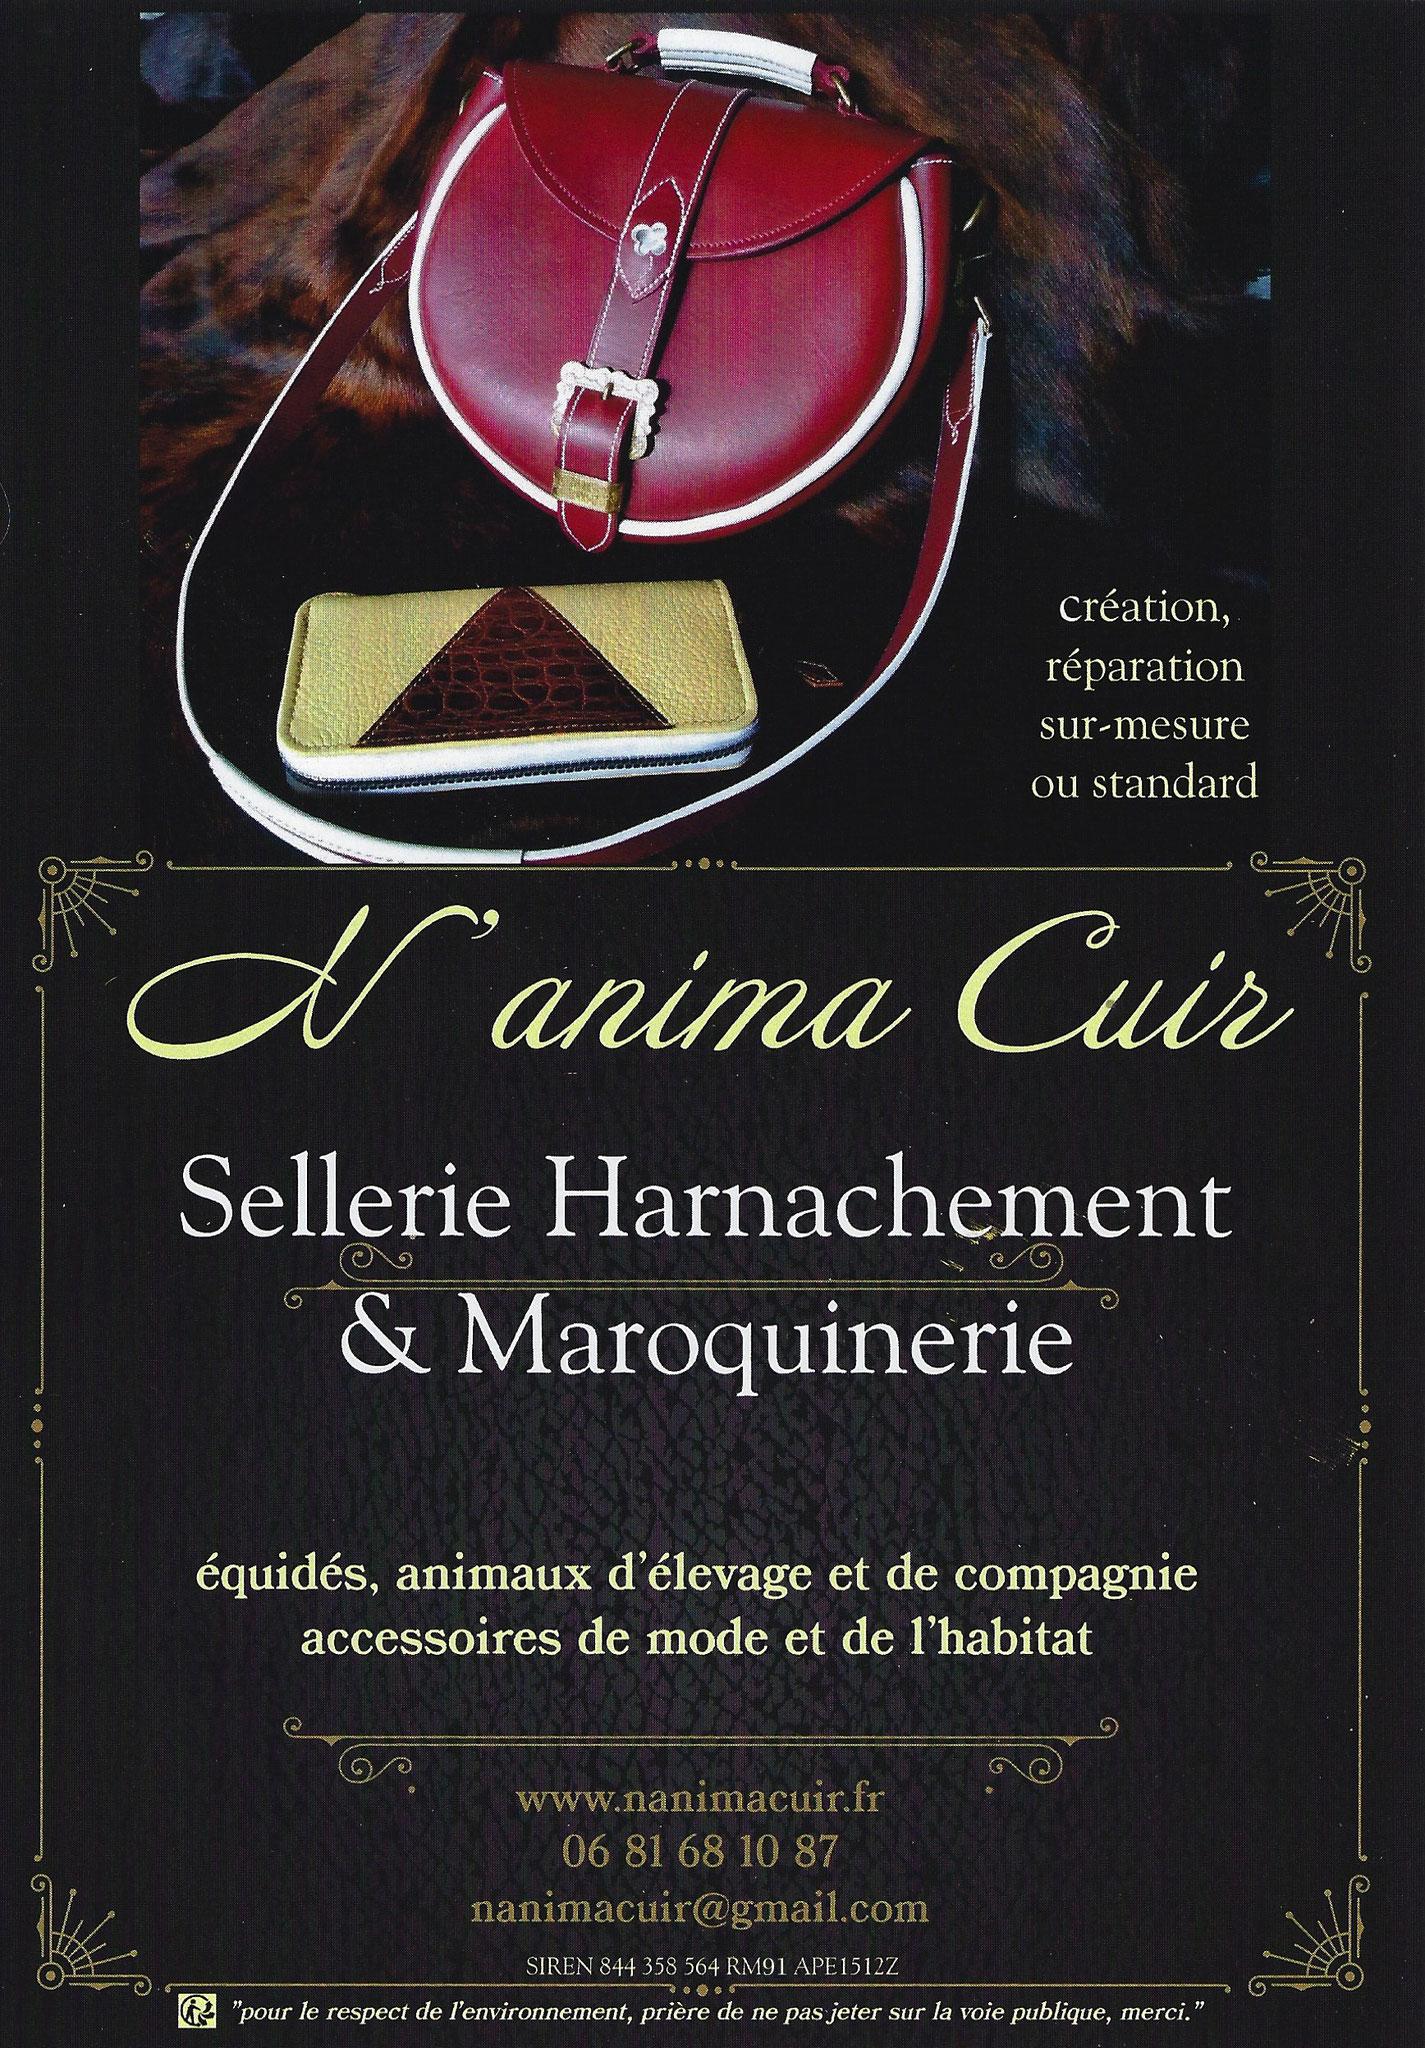 N'anima Cuir - microentreprise artisanale - Sellerie/Maroquinerie - Déco d'intérieur